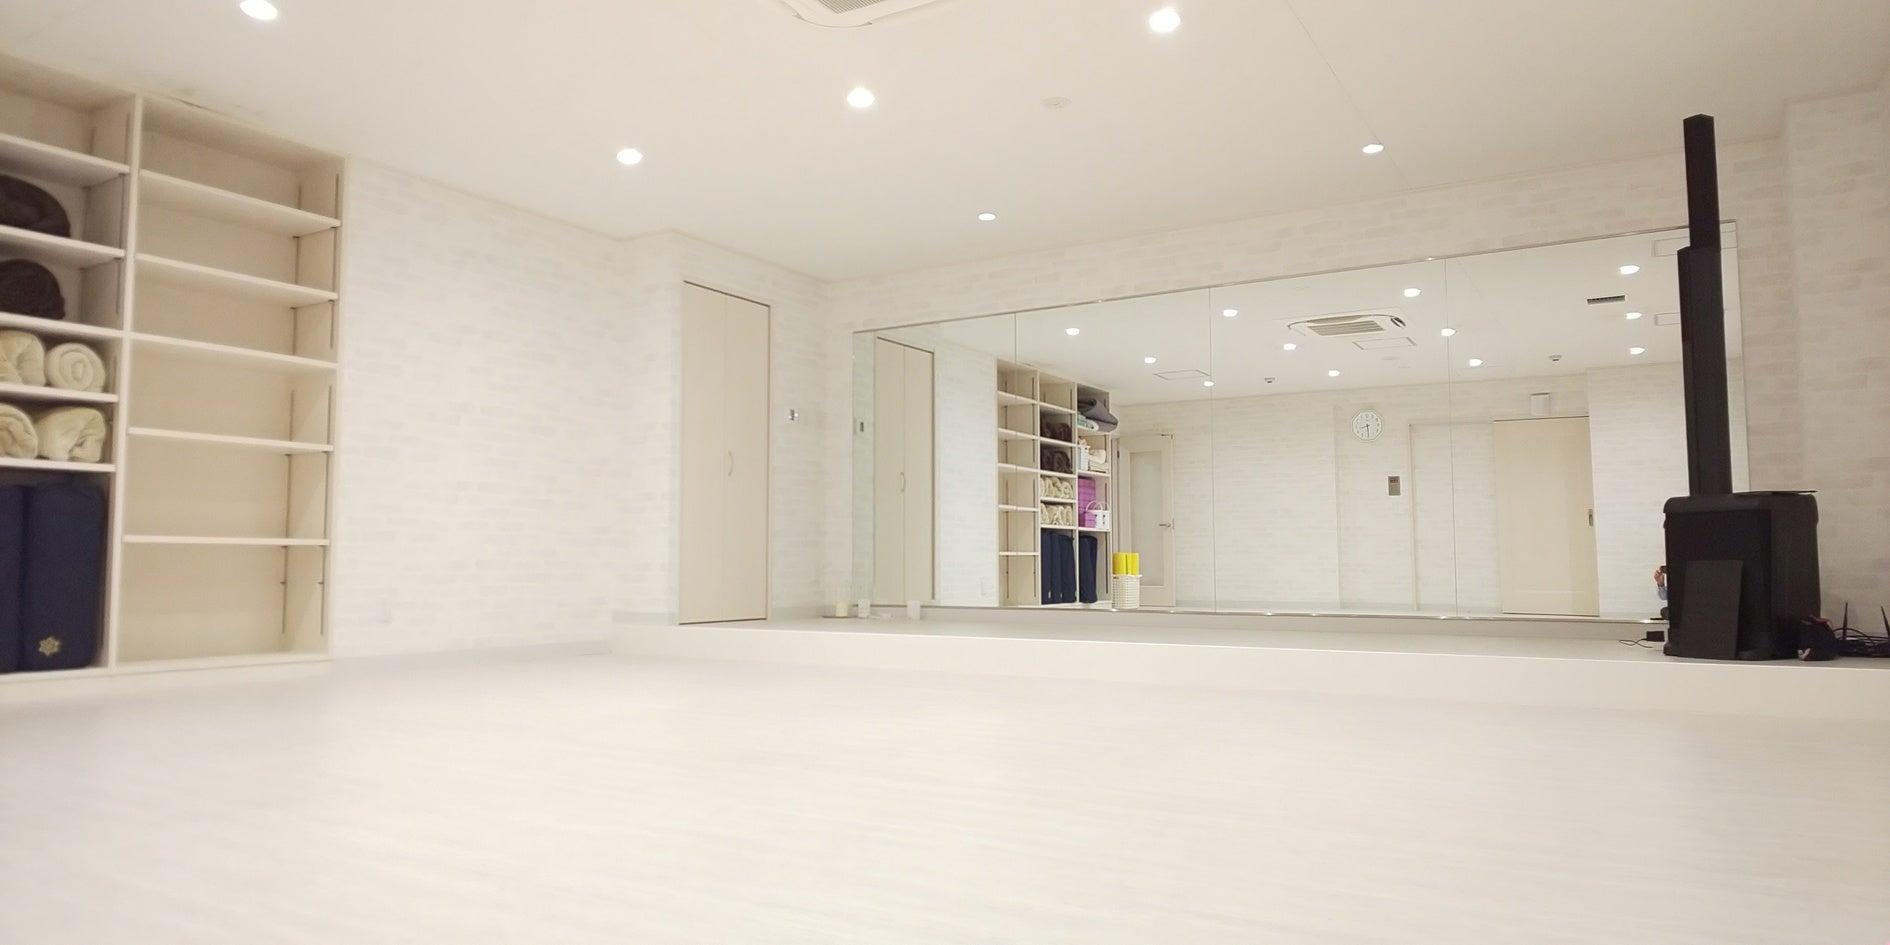 関内駅・日本大通り駅近!Wi-Fi完備、更衣室ありの広々とした新しいスタジオです♪(関内駅・日本大通り駅近!Wi-Fi完備、更衣室ありの広々とした新しいスタジオです♪) の写真0